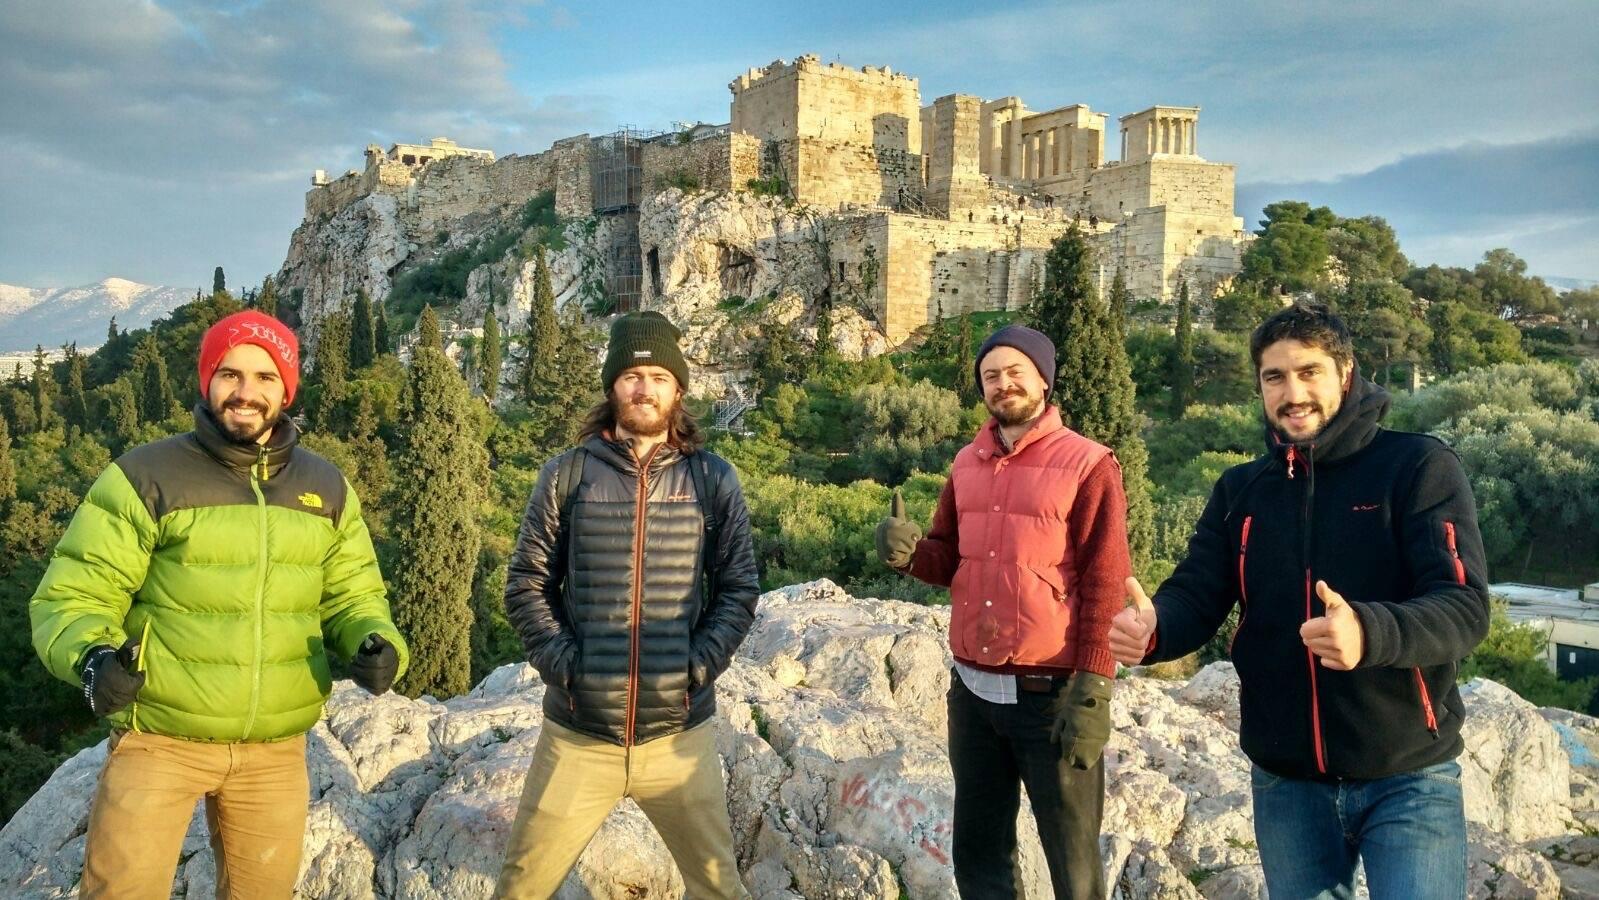 Perle por el mundo pasa el fin de ano en Atenas06 - Perlé por el Mundo termina el año en Atenas